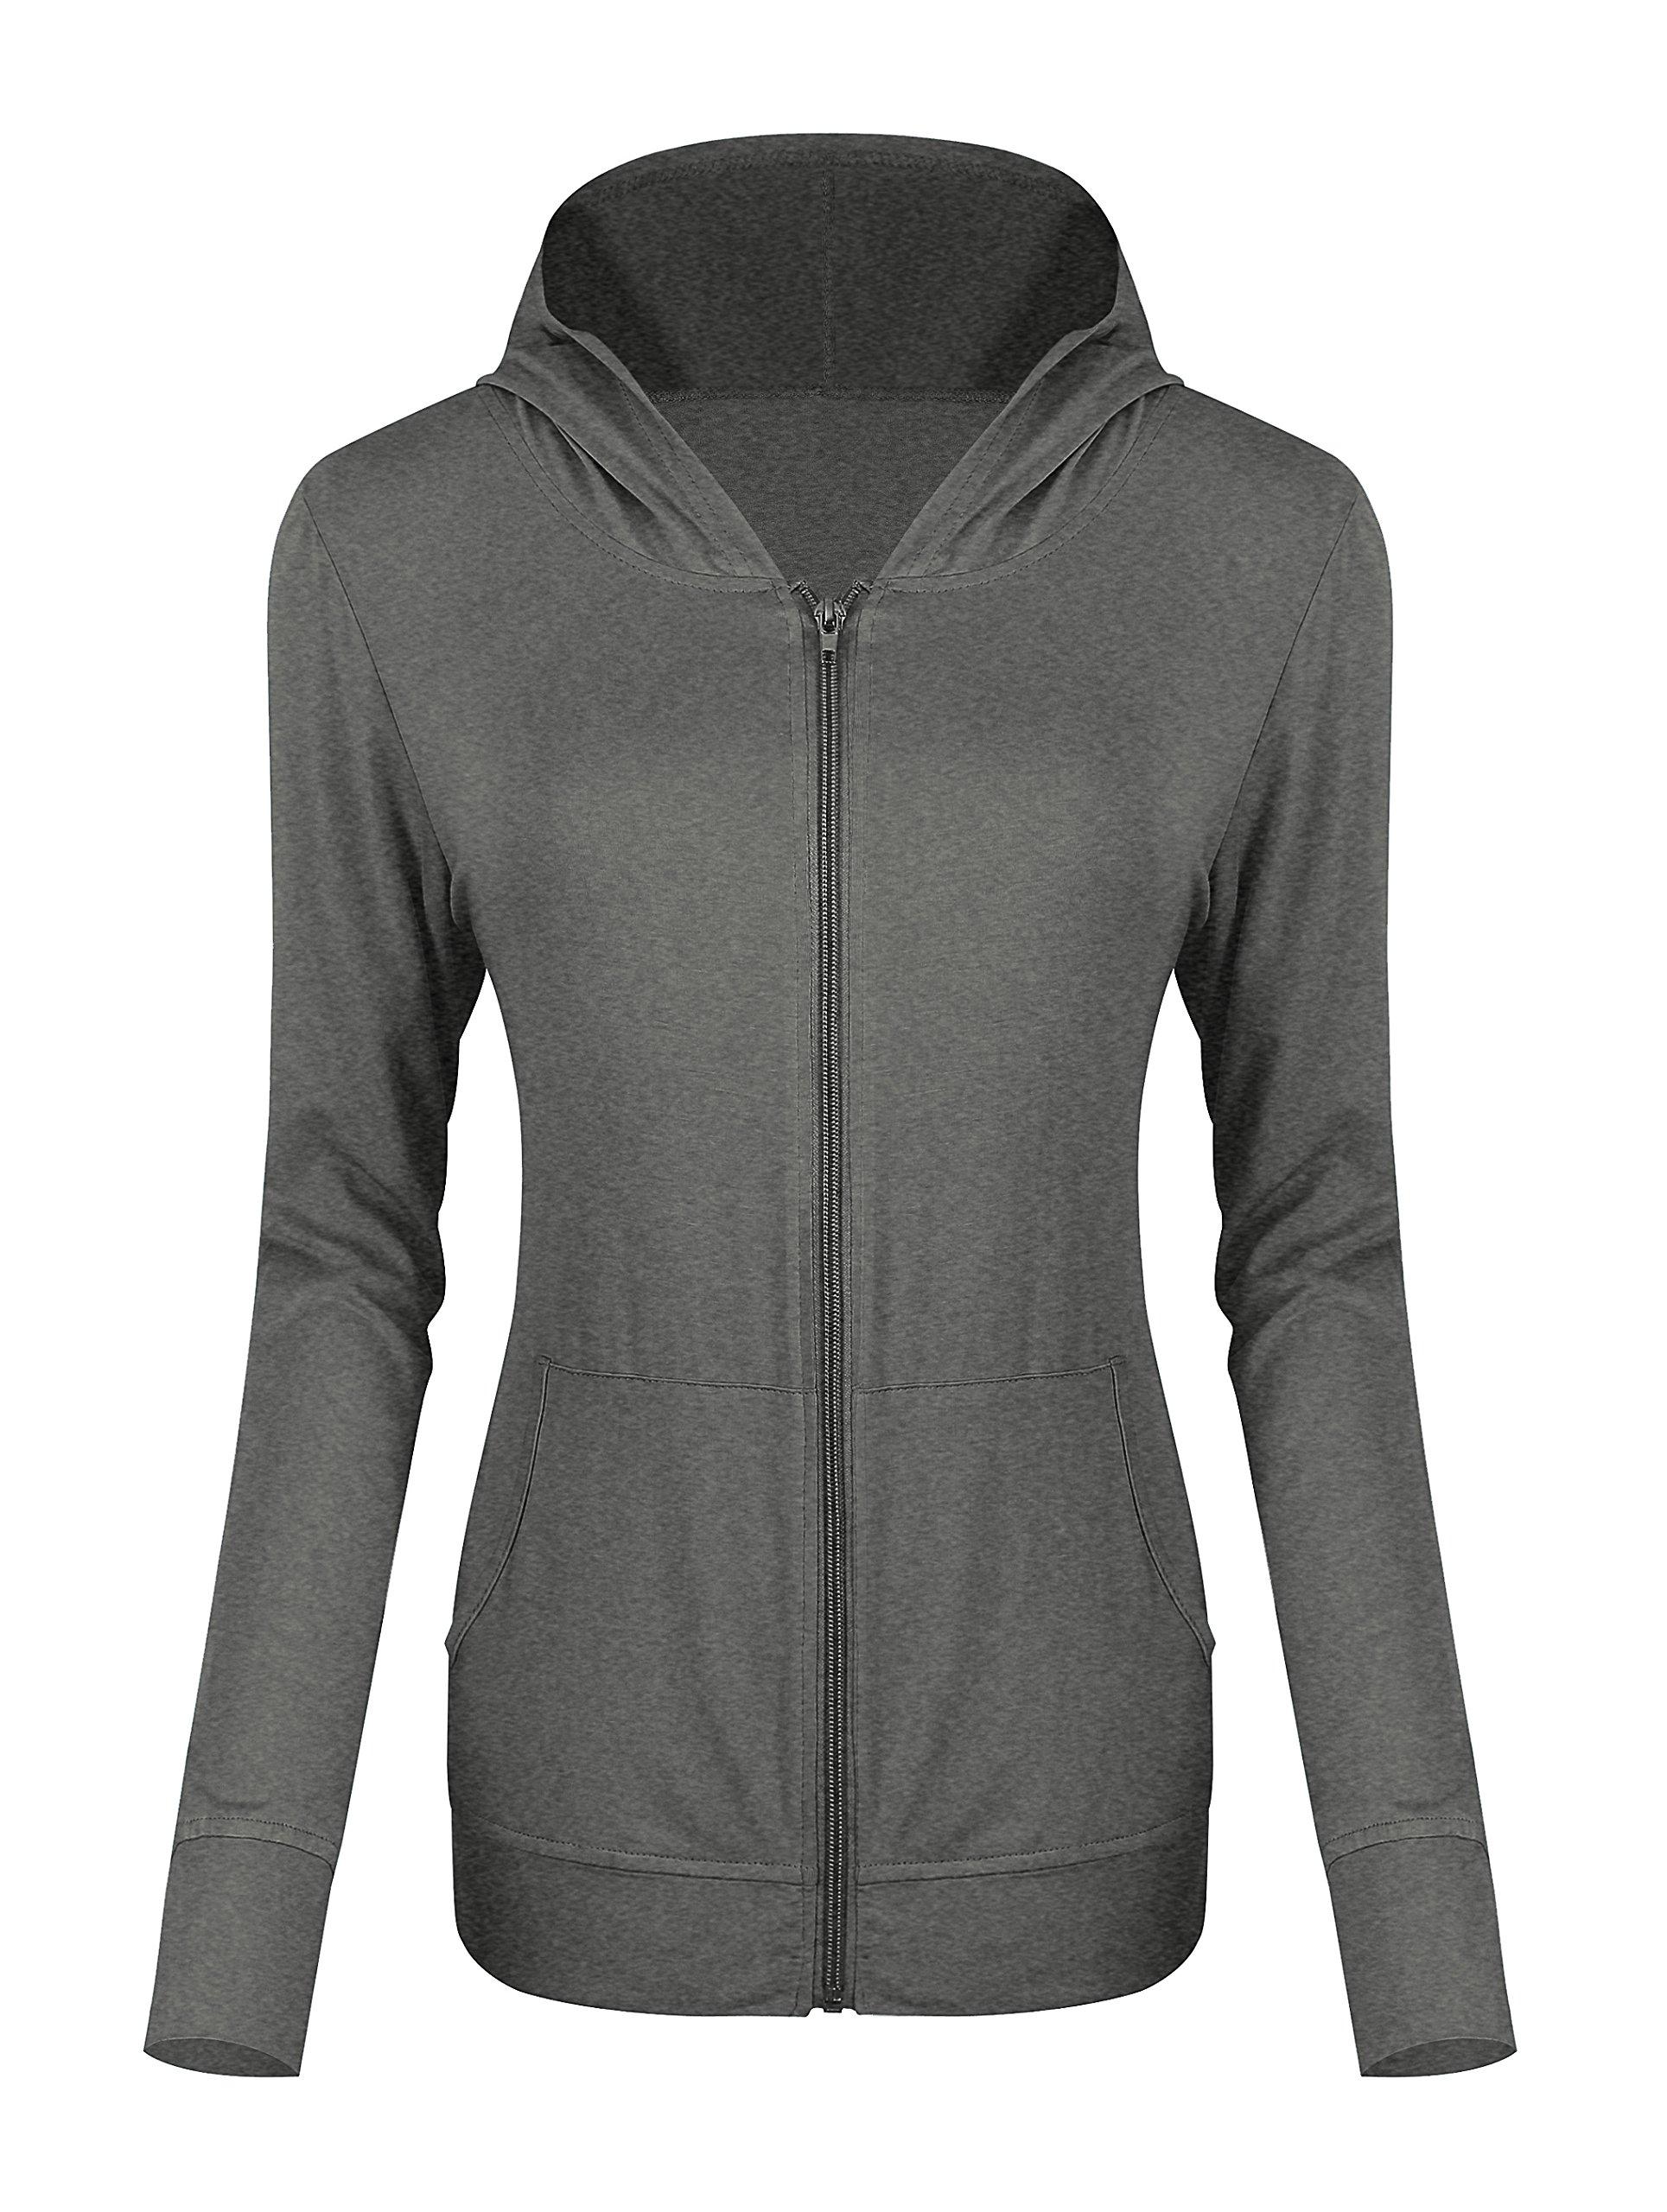 Women's Zip Hoodie Sweatshirt Lightweight Active Jacket (S, Heather Gray)